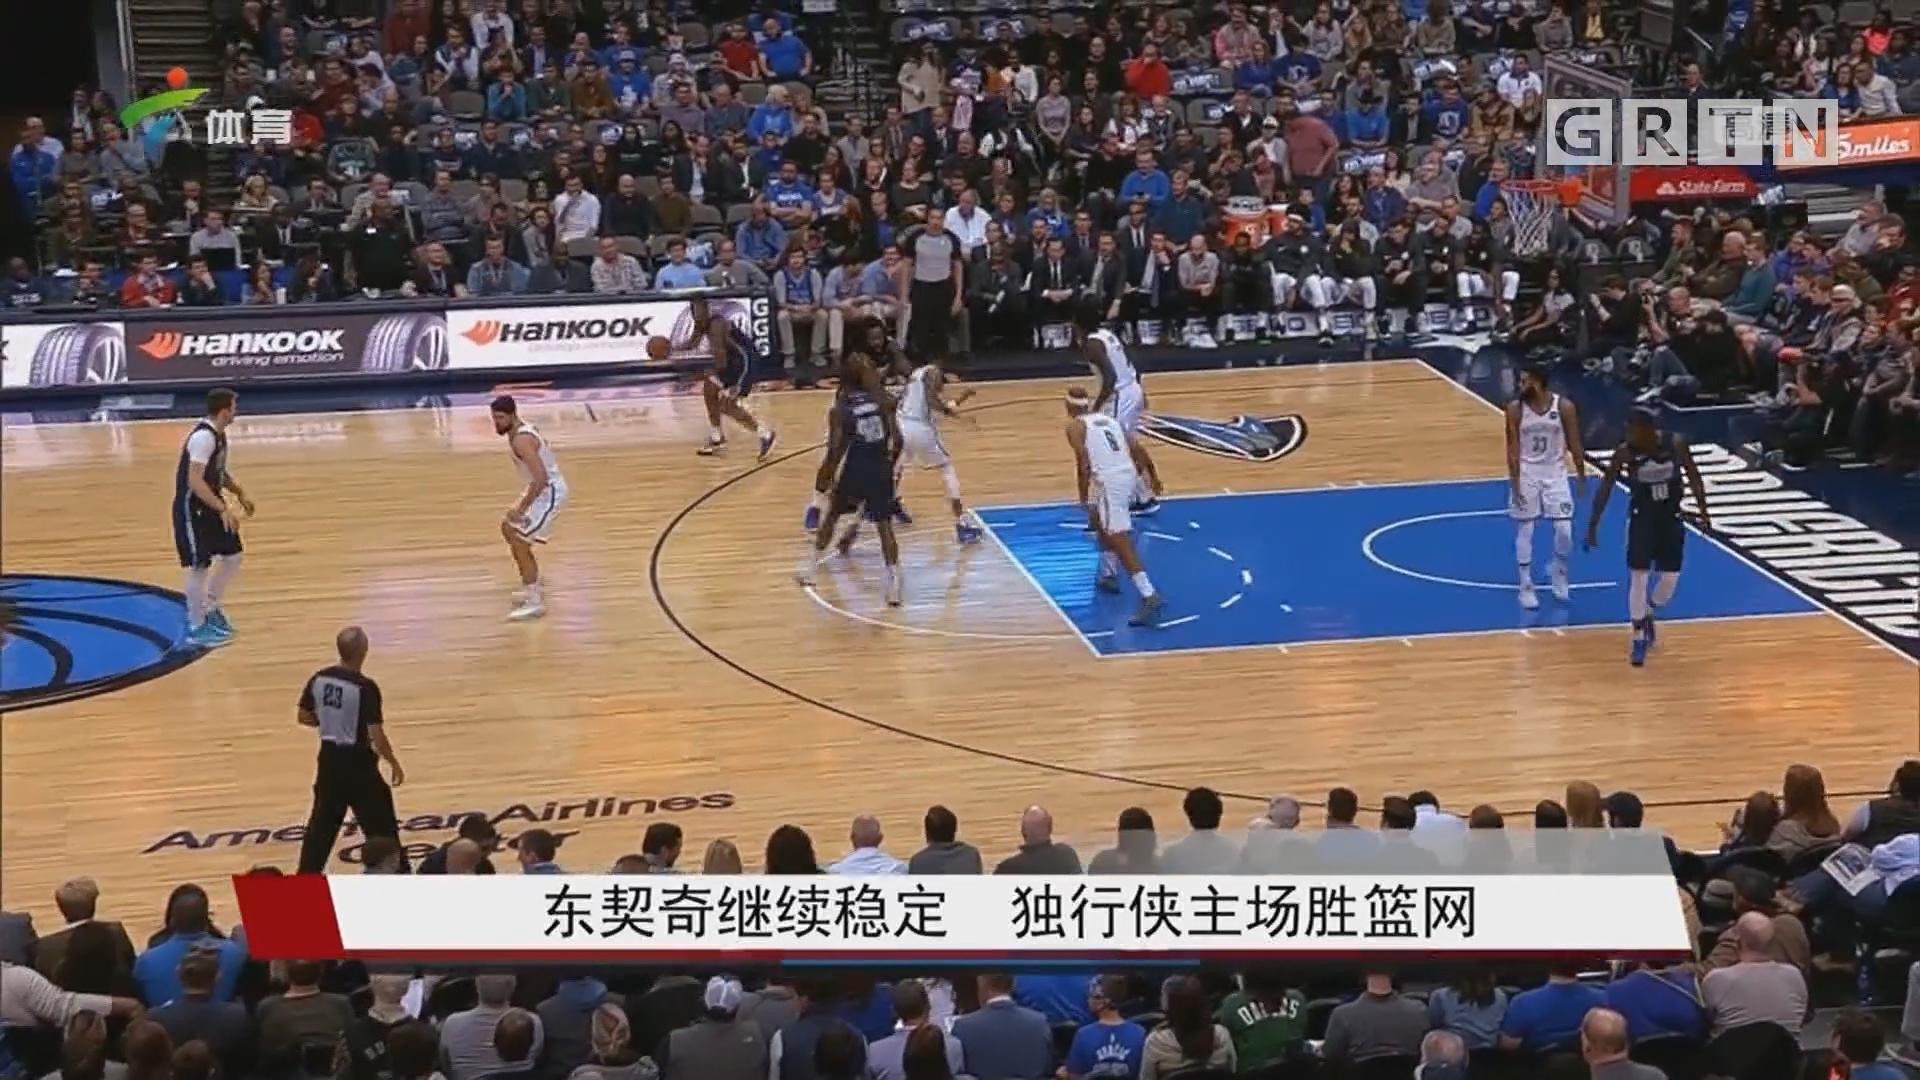 东契奇继续稳定 独行侠主场胜篮网